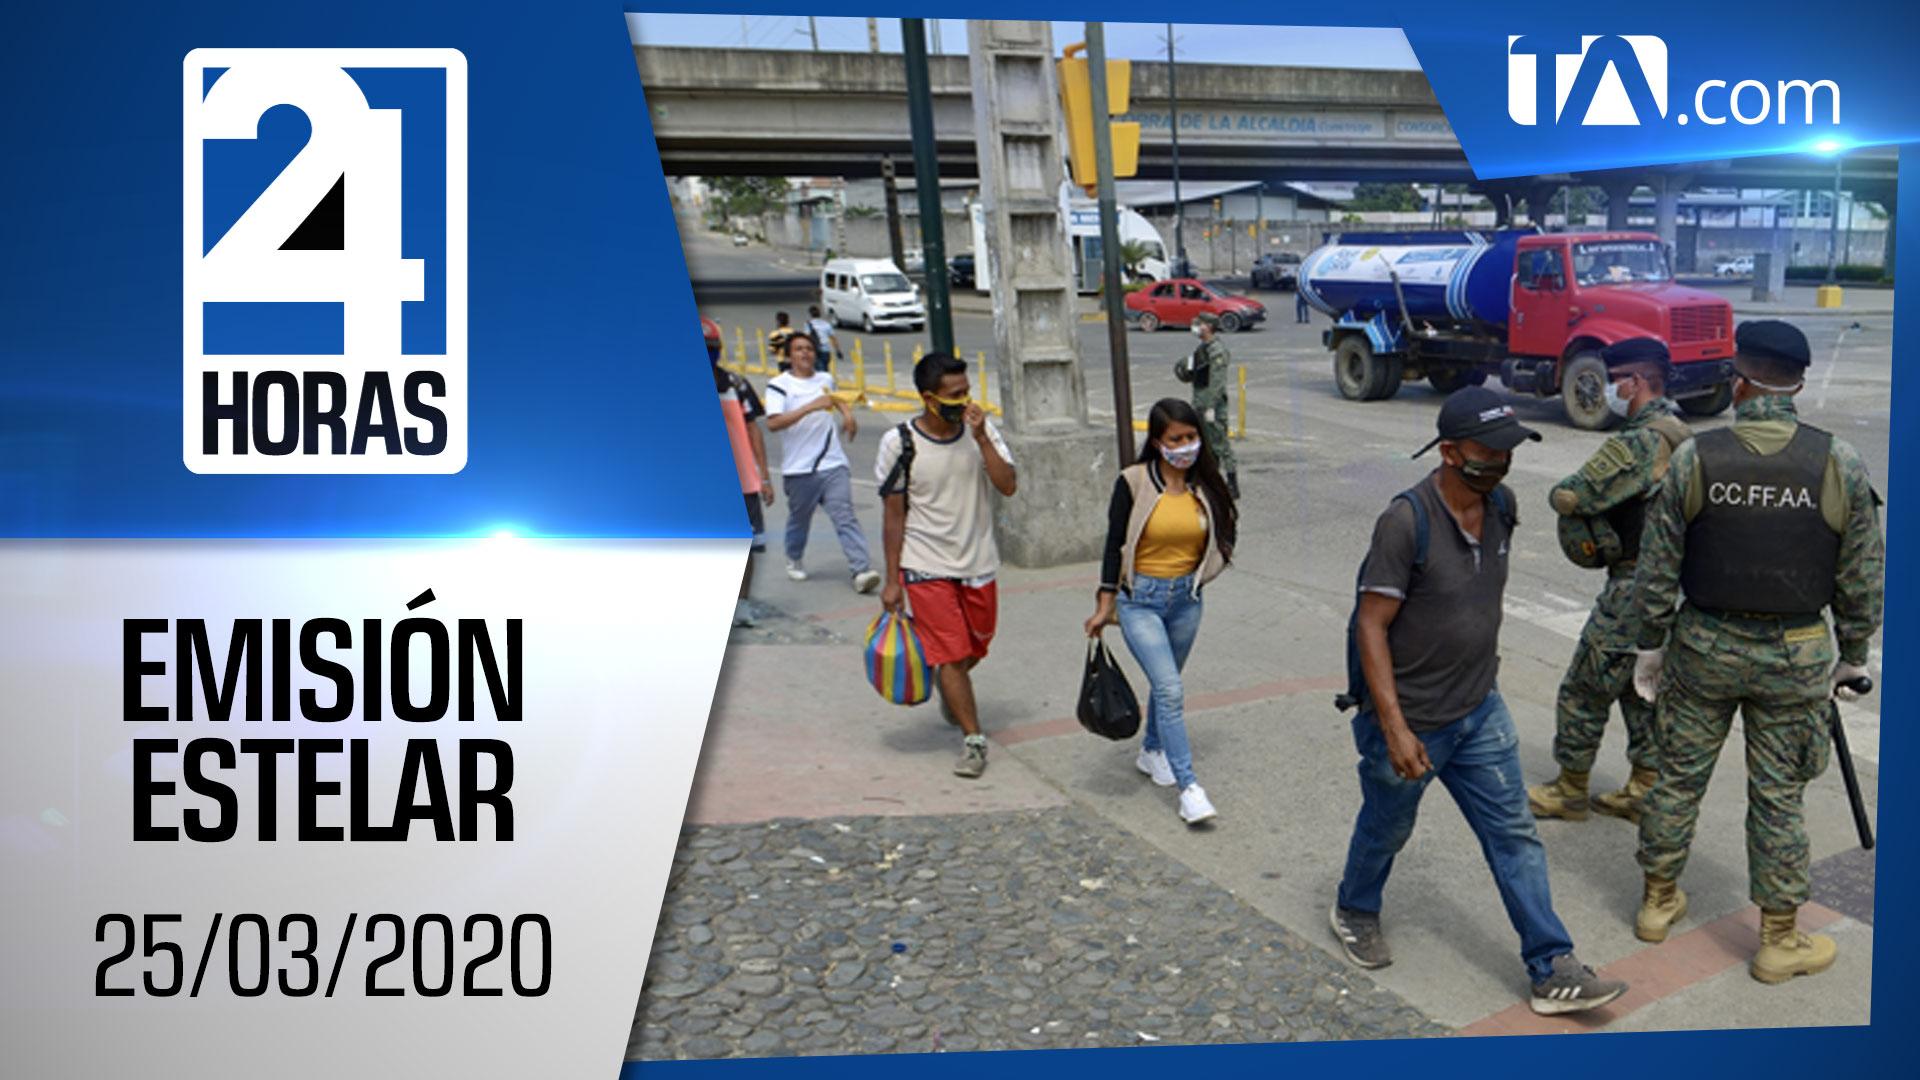 Noticias Ecuador: Noticiero 24 Horas, 25/03/2020 (Emisión Estelar)